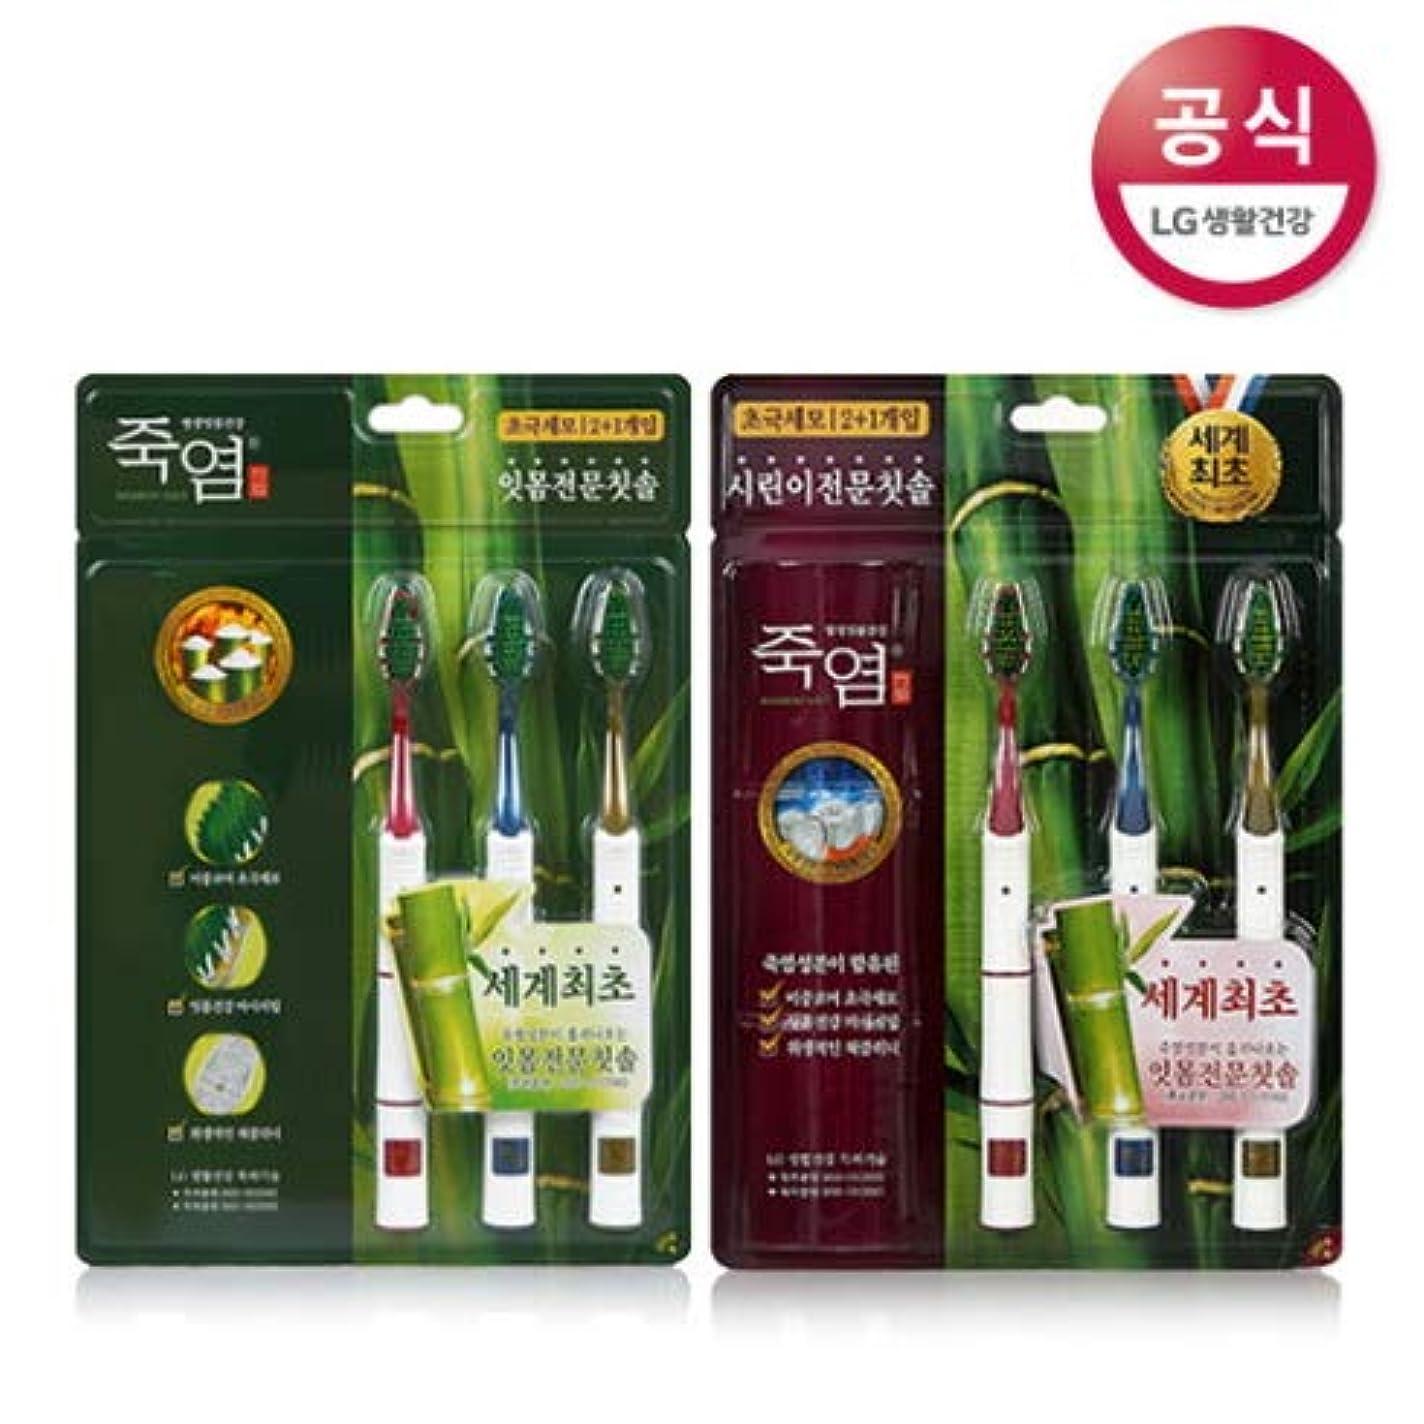 また明日ね傘若い[LG HnB] Bamboo salt syringe/gum professional toothbrush/竹塩つぶれが/歯茎専門の歯ブラシ 3口x2個(海外直送品)